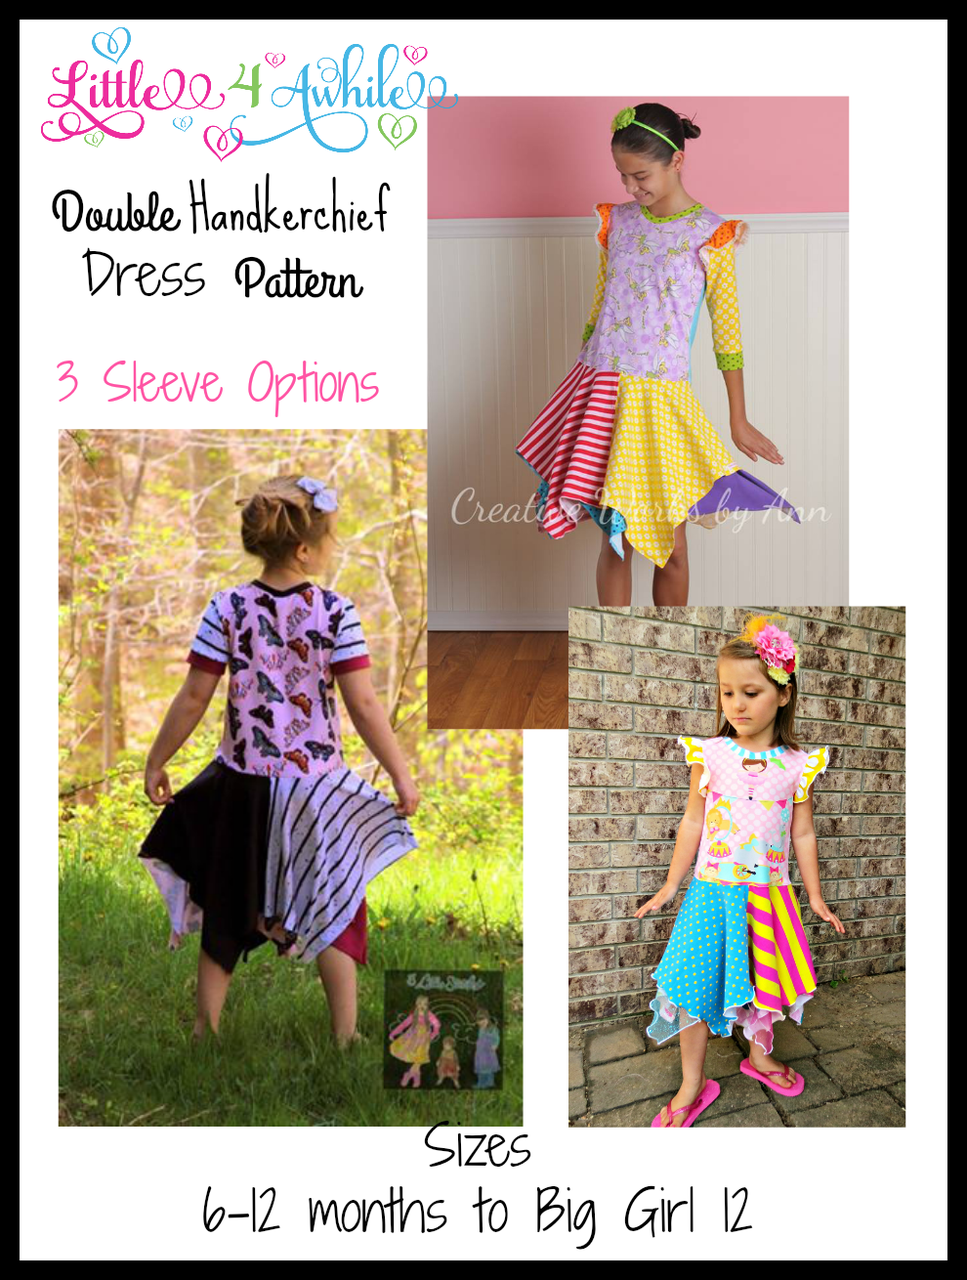 Girls Double Handkerchief Twirl Dress Pattern  #sew #fabric #sewing #dress #sewingpattern #clothing #pattern #sewingboss #style #fashion